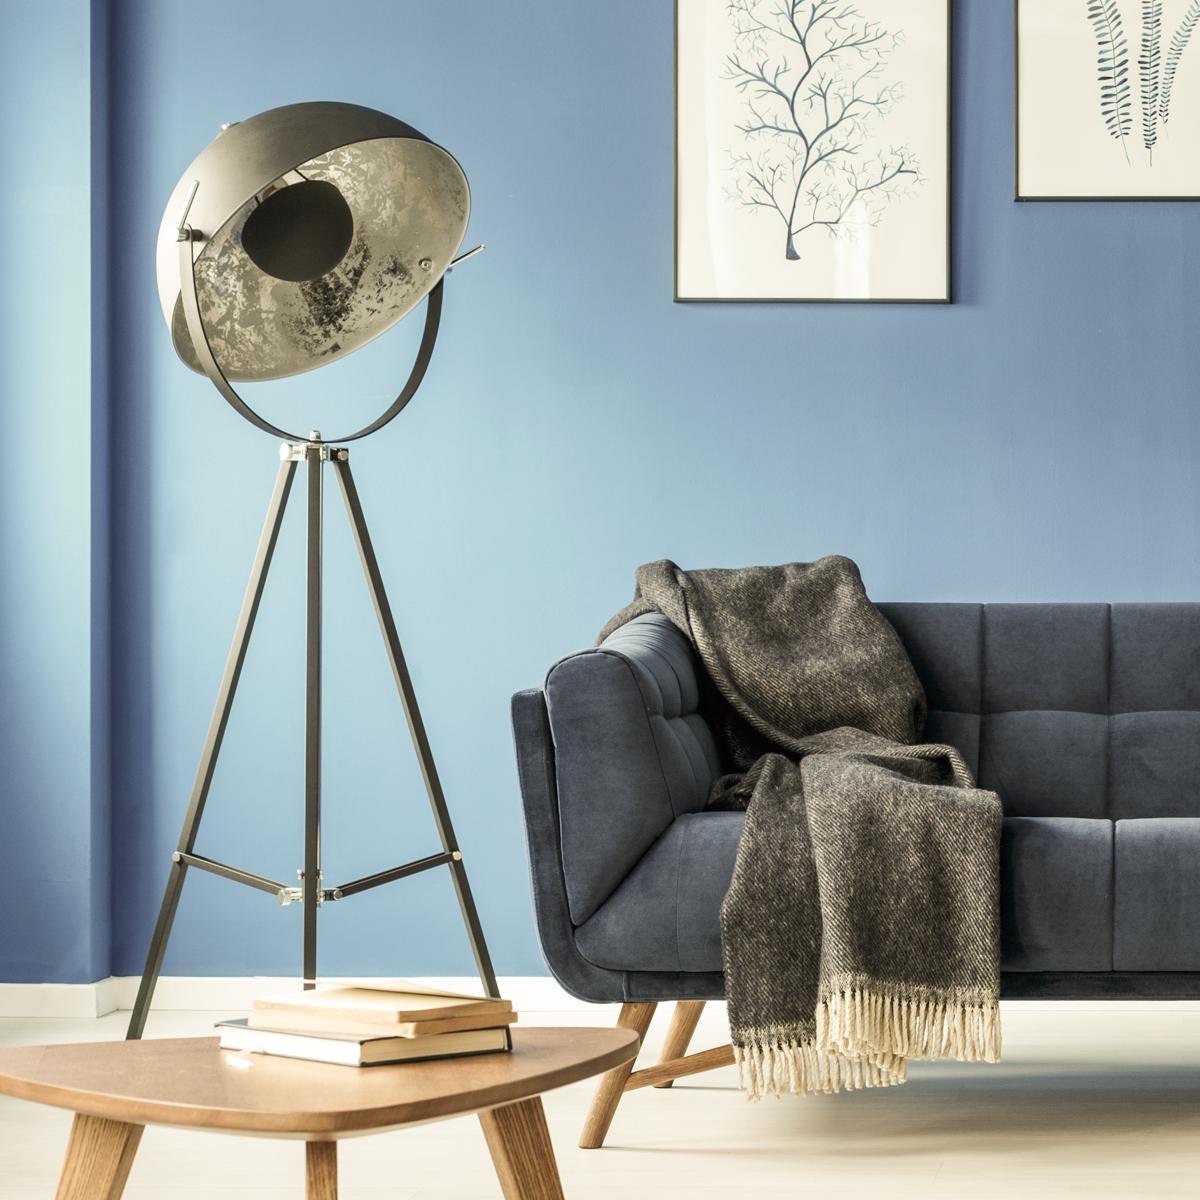 Spurst Du Das Prickeln Das Ist Waterfront Schoner Wohnen Farbe Wohnen Haus Deko